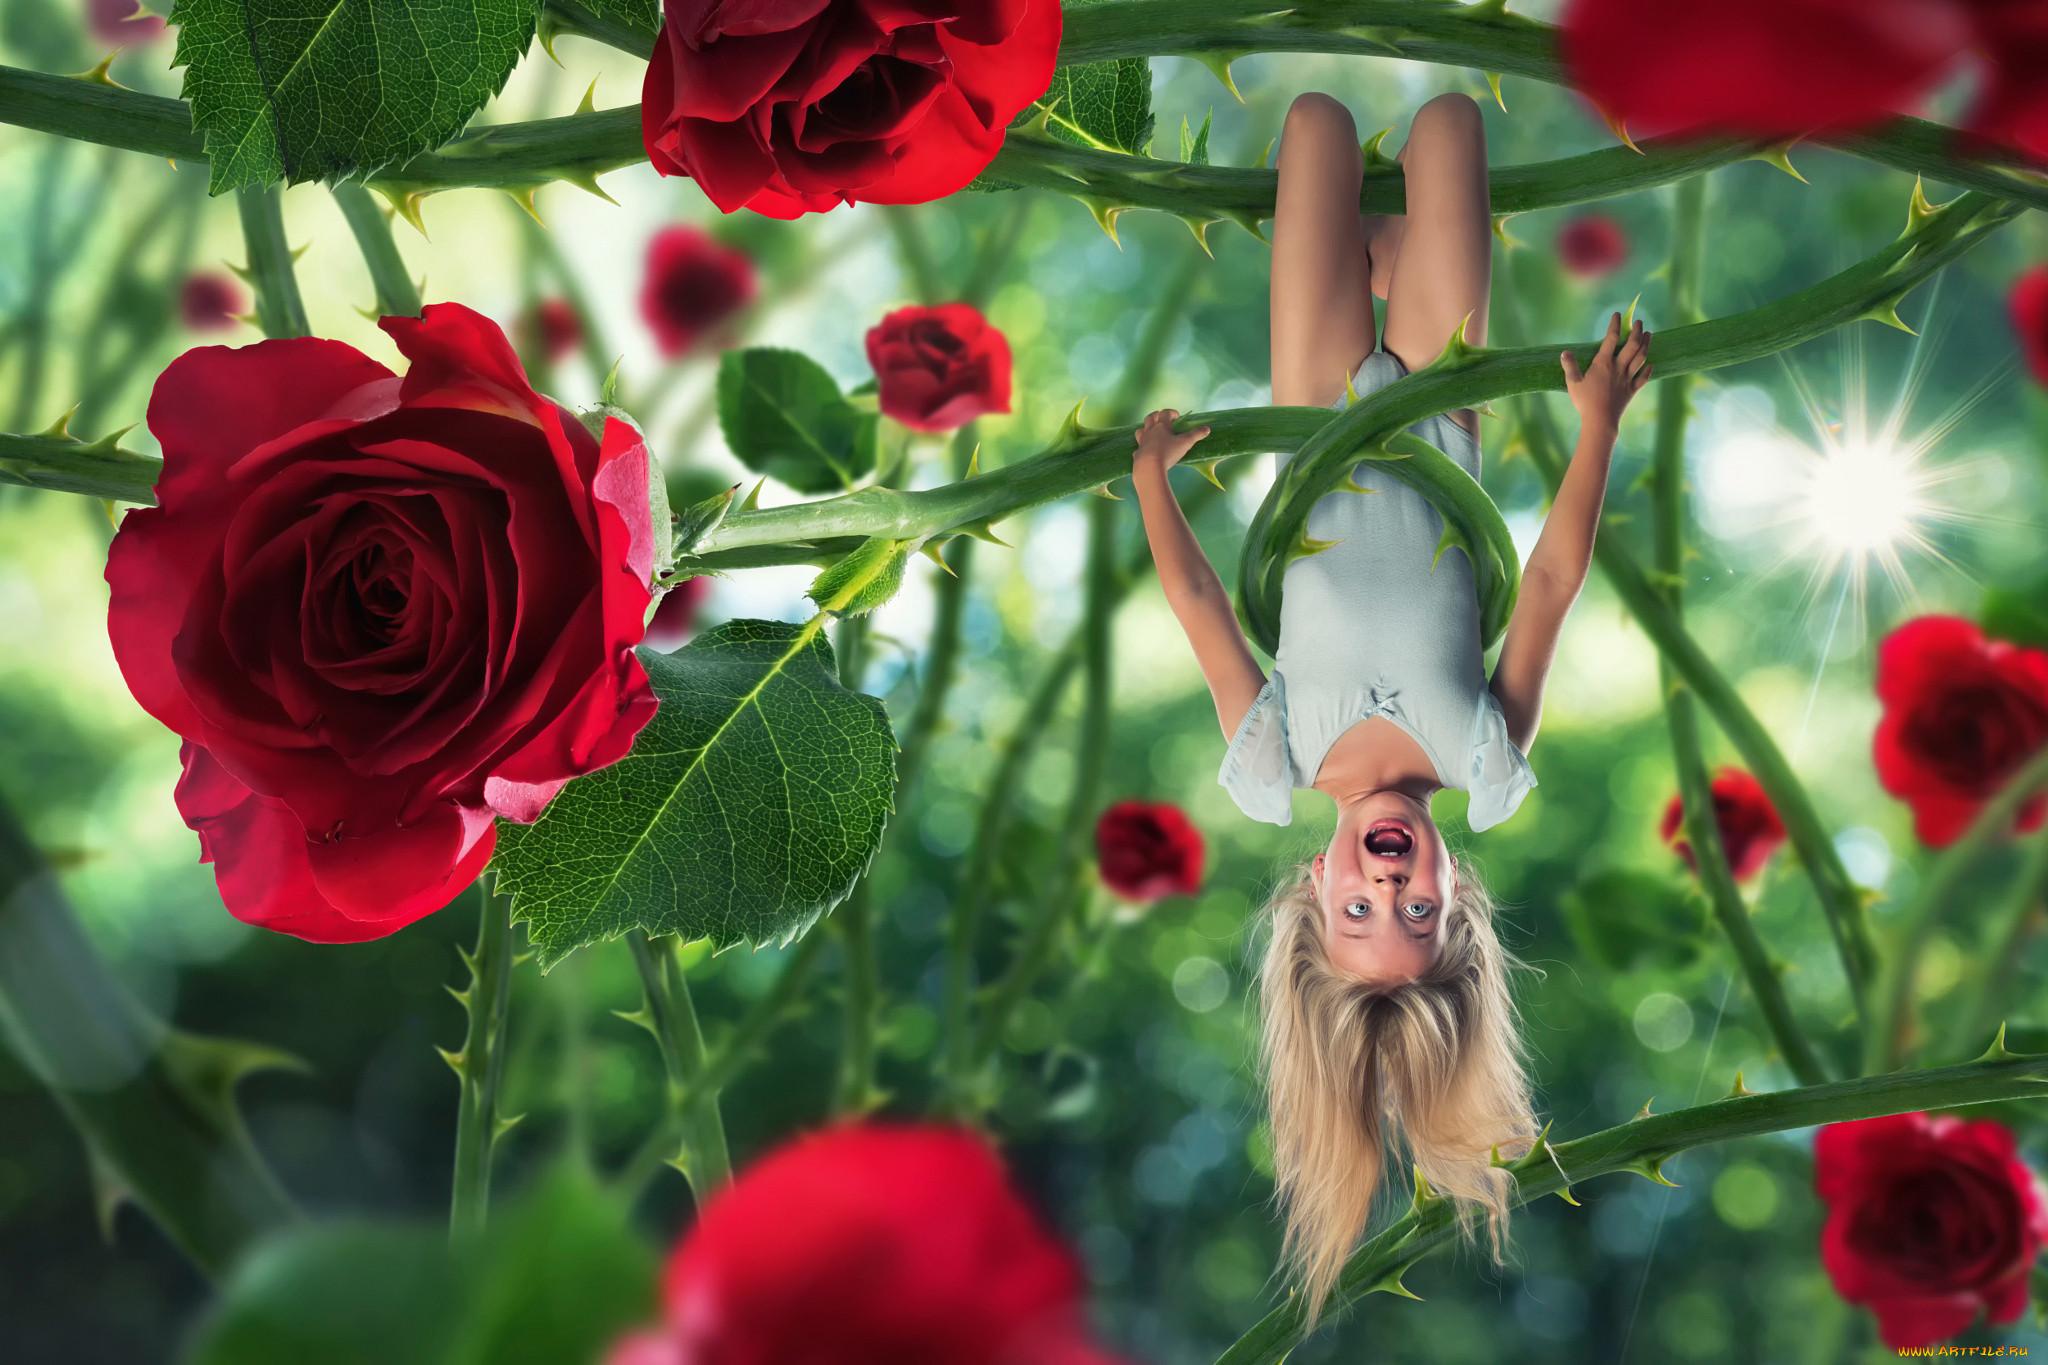 проверили реальных картинки красивые и прикольные про цветы статье расскажем